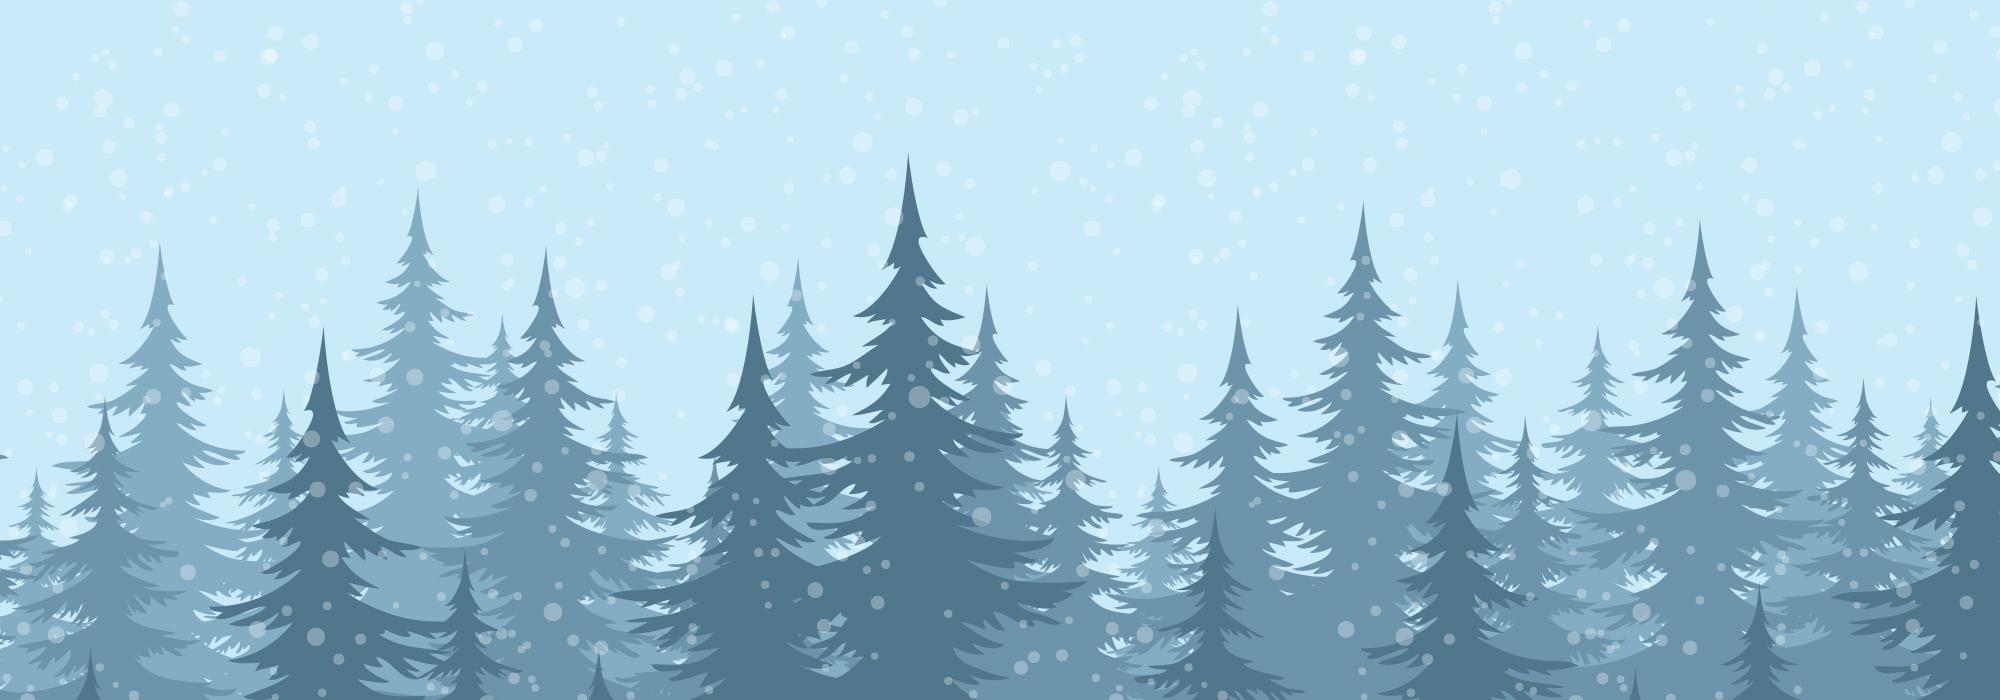 spve-christmas-banner-5-2000×700 (1)